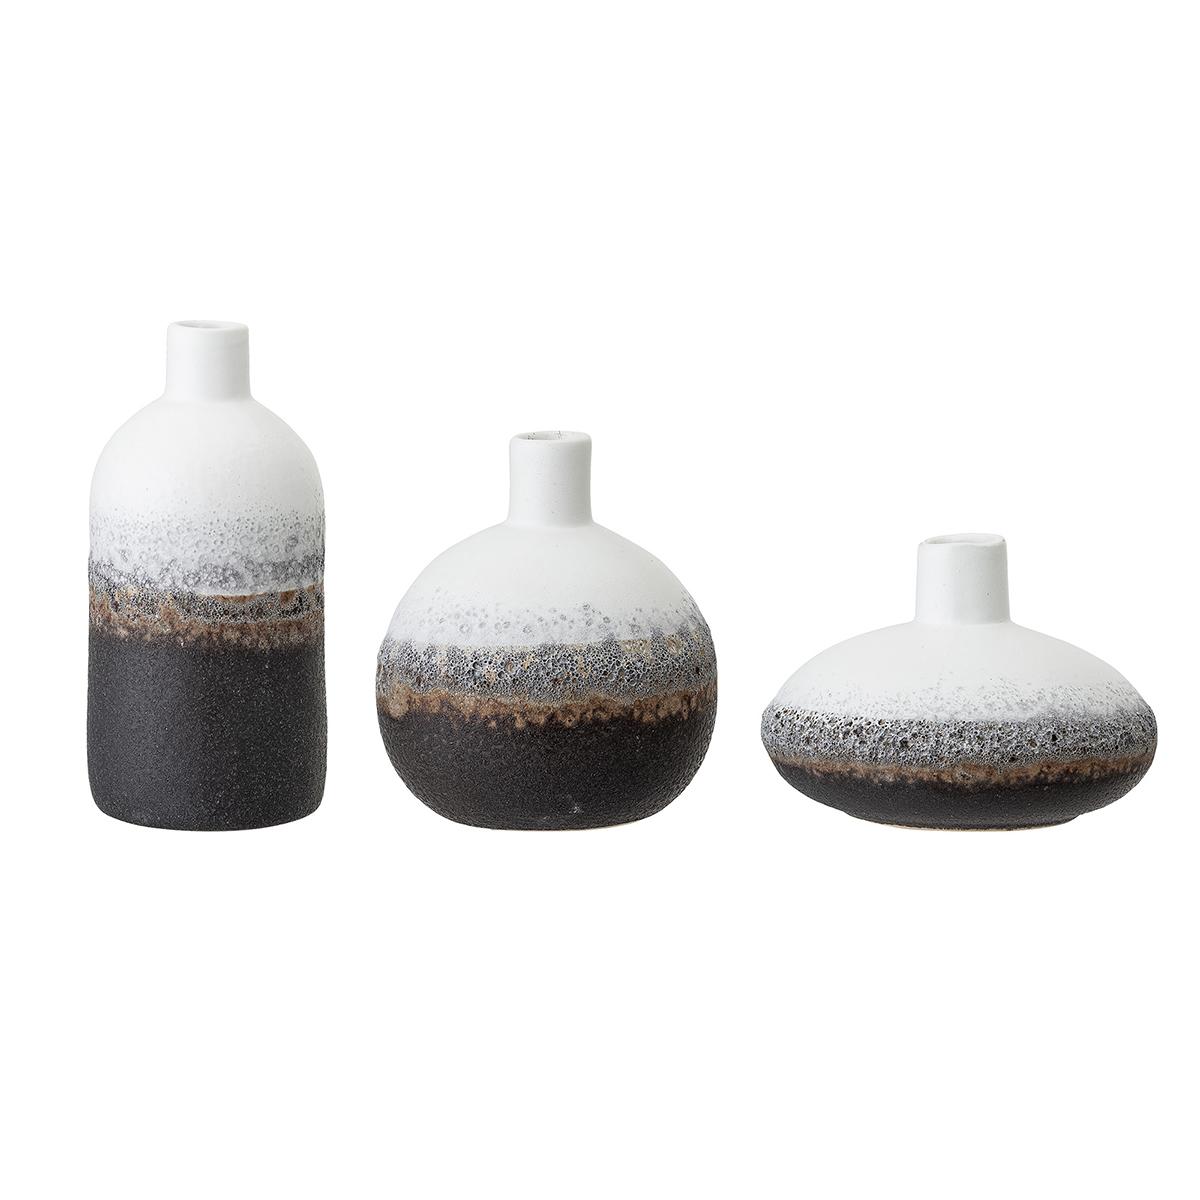 TERESAS COLLECTIONS Ensemble de Vases en C/éramique pour Fleurs,Porcelaine Faite /à la Main avec Rayures Cylindriques en Relief pour la D/écoration Int/érieure H19//25cm,Noir et Blanc